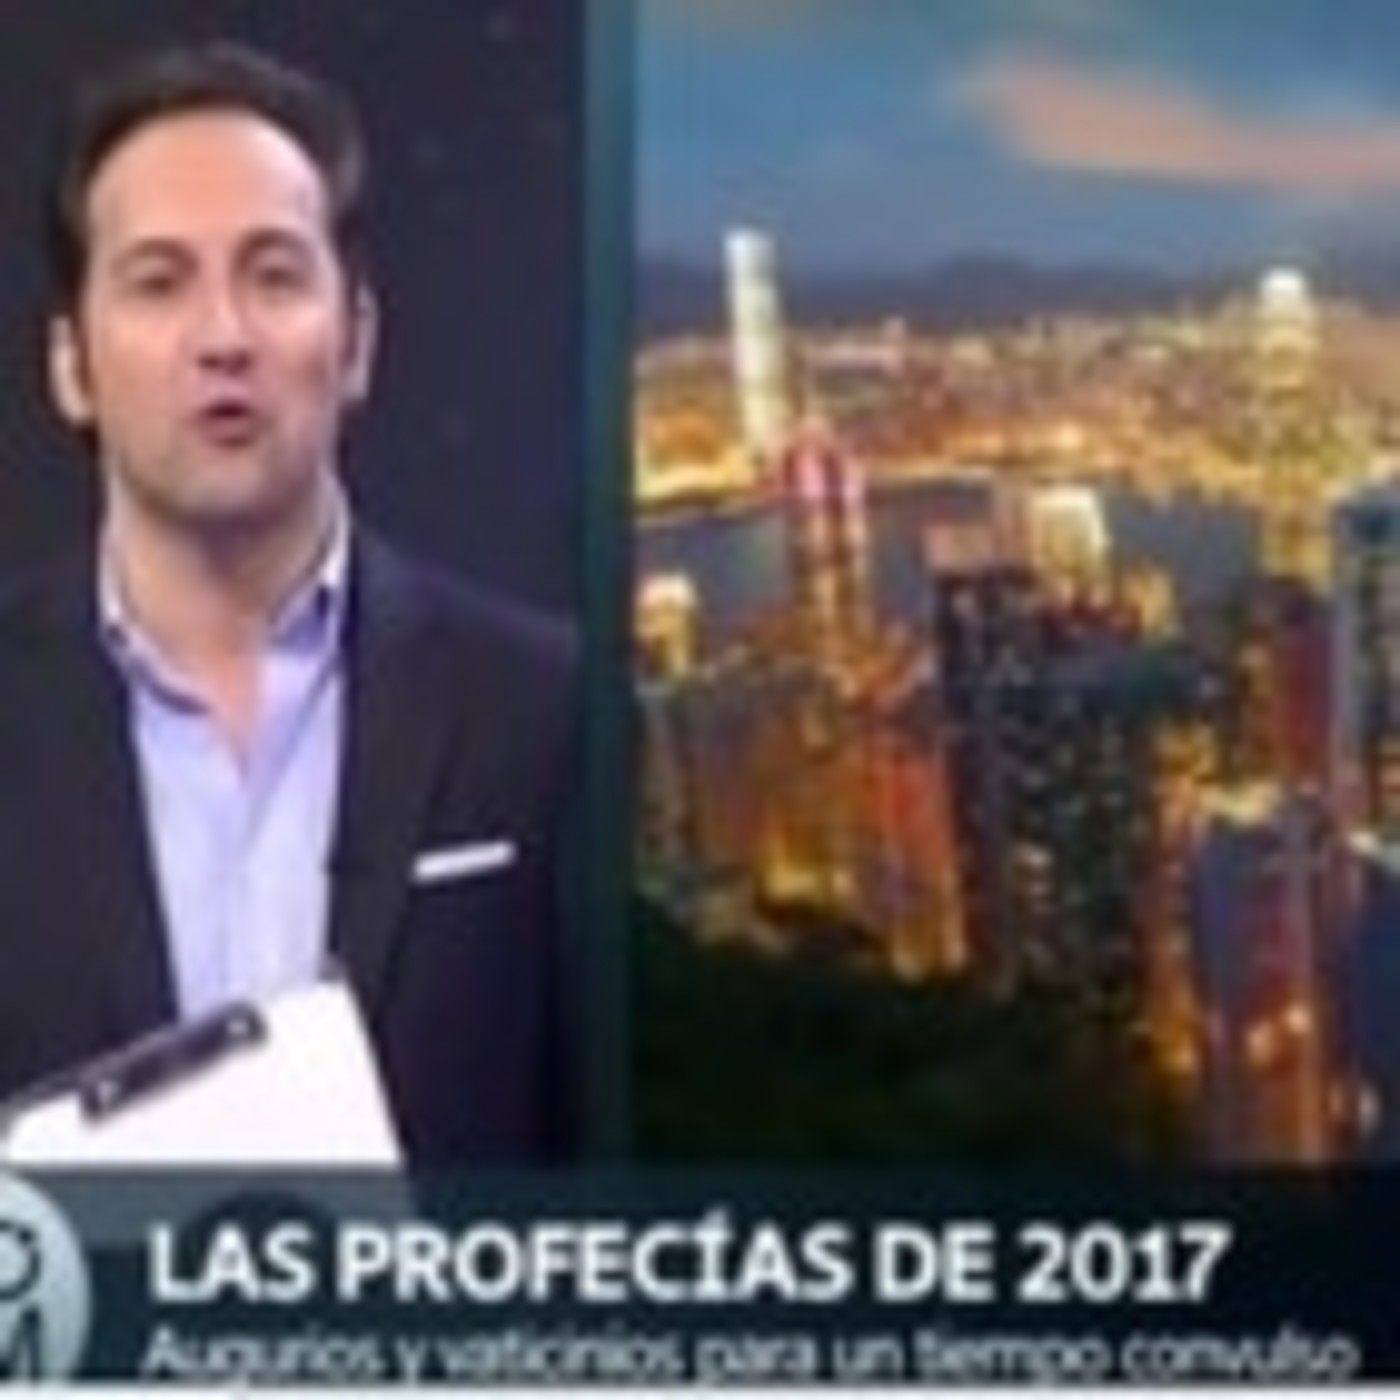 Las profecías de 2017 por Cuarto Milenio en Misterios sin resolver ...